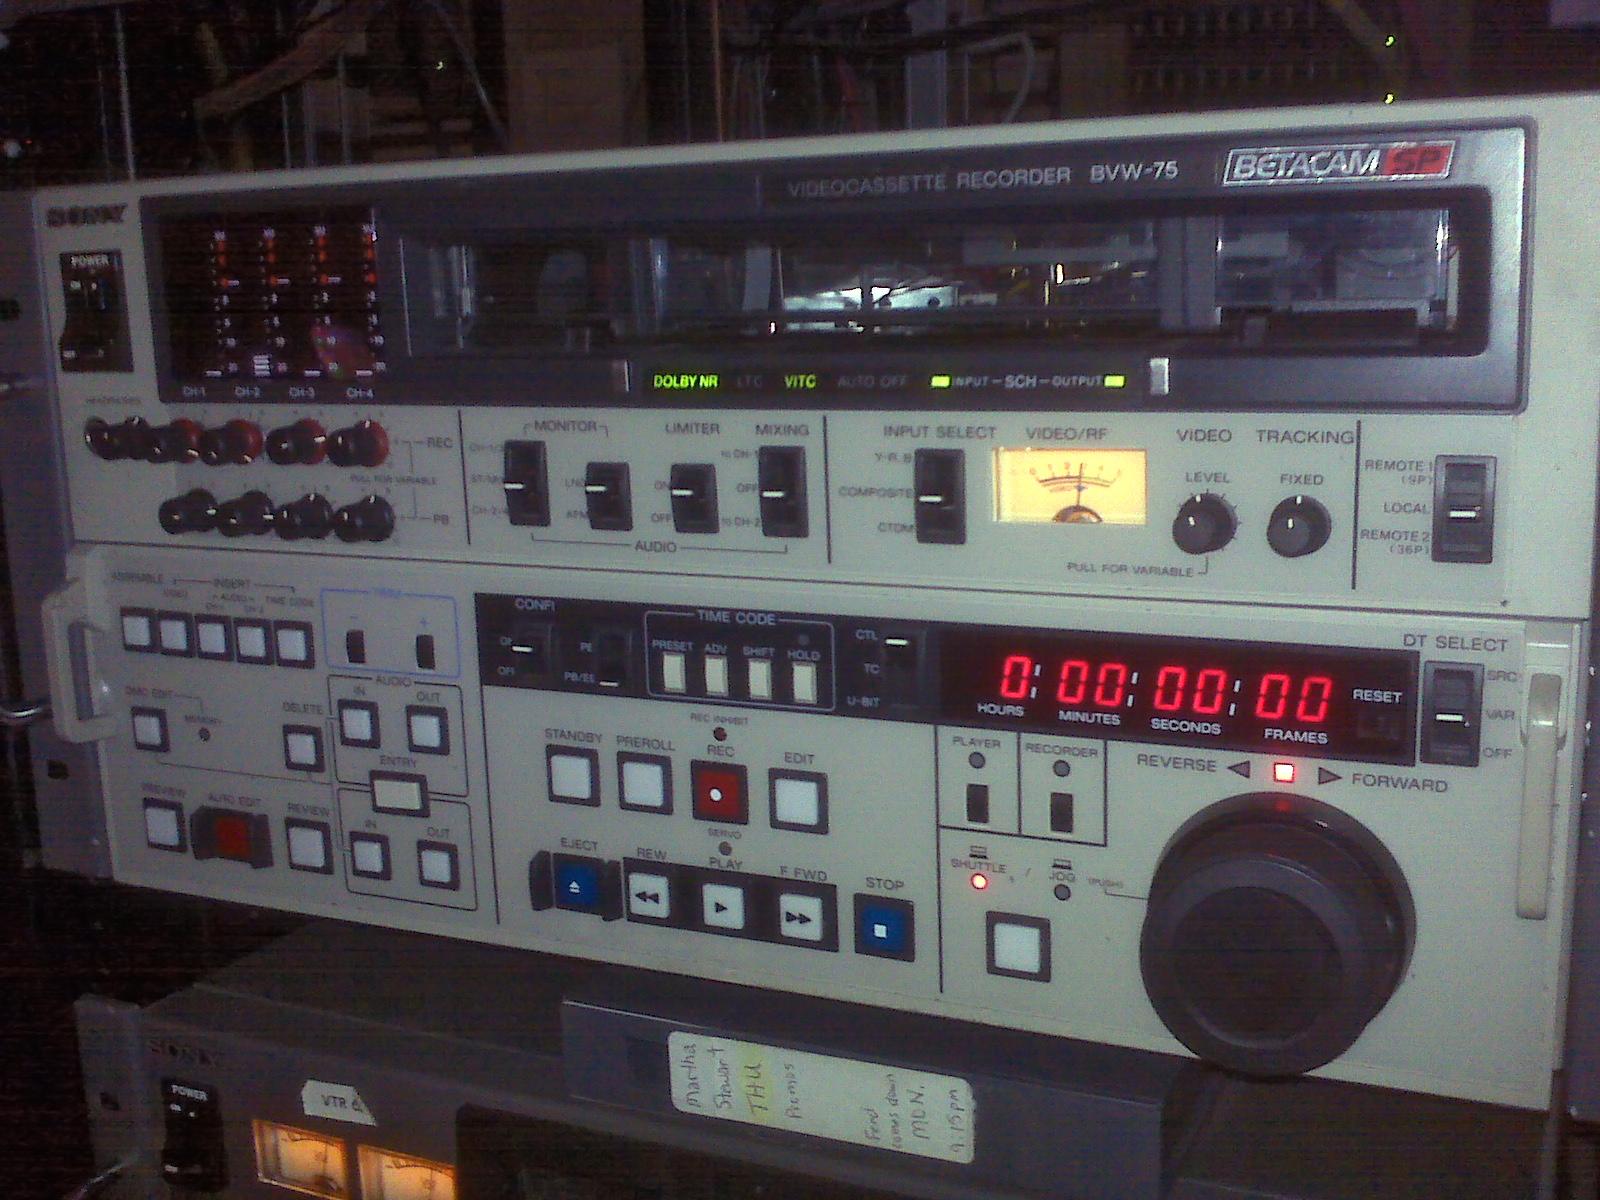 Jvc Broadcasting West Palm Beach Address